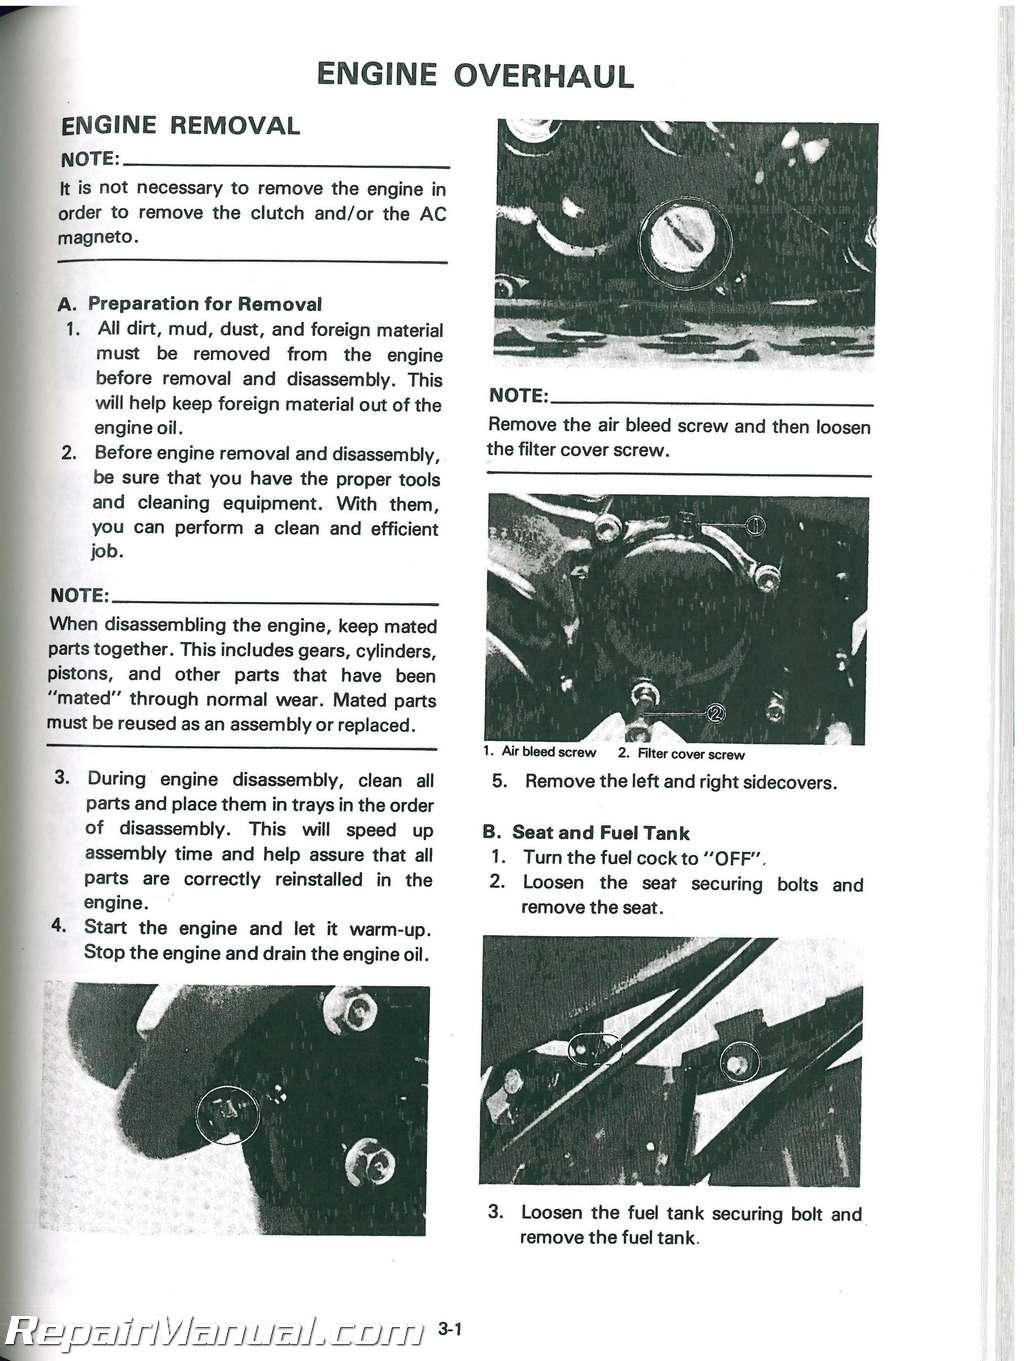 1982 1983 yamaha xt550 service manual rh repairmanual com yamaha xt 550 owners manual free yamaha xt 550 workshop manual